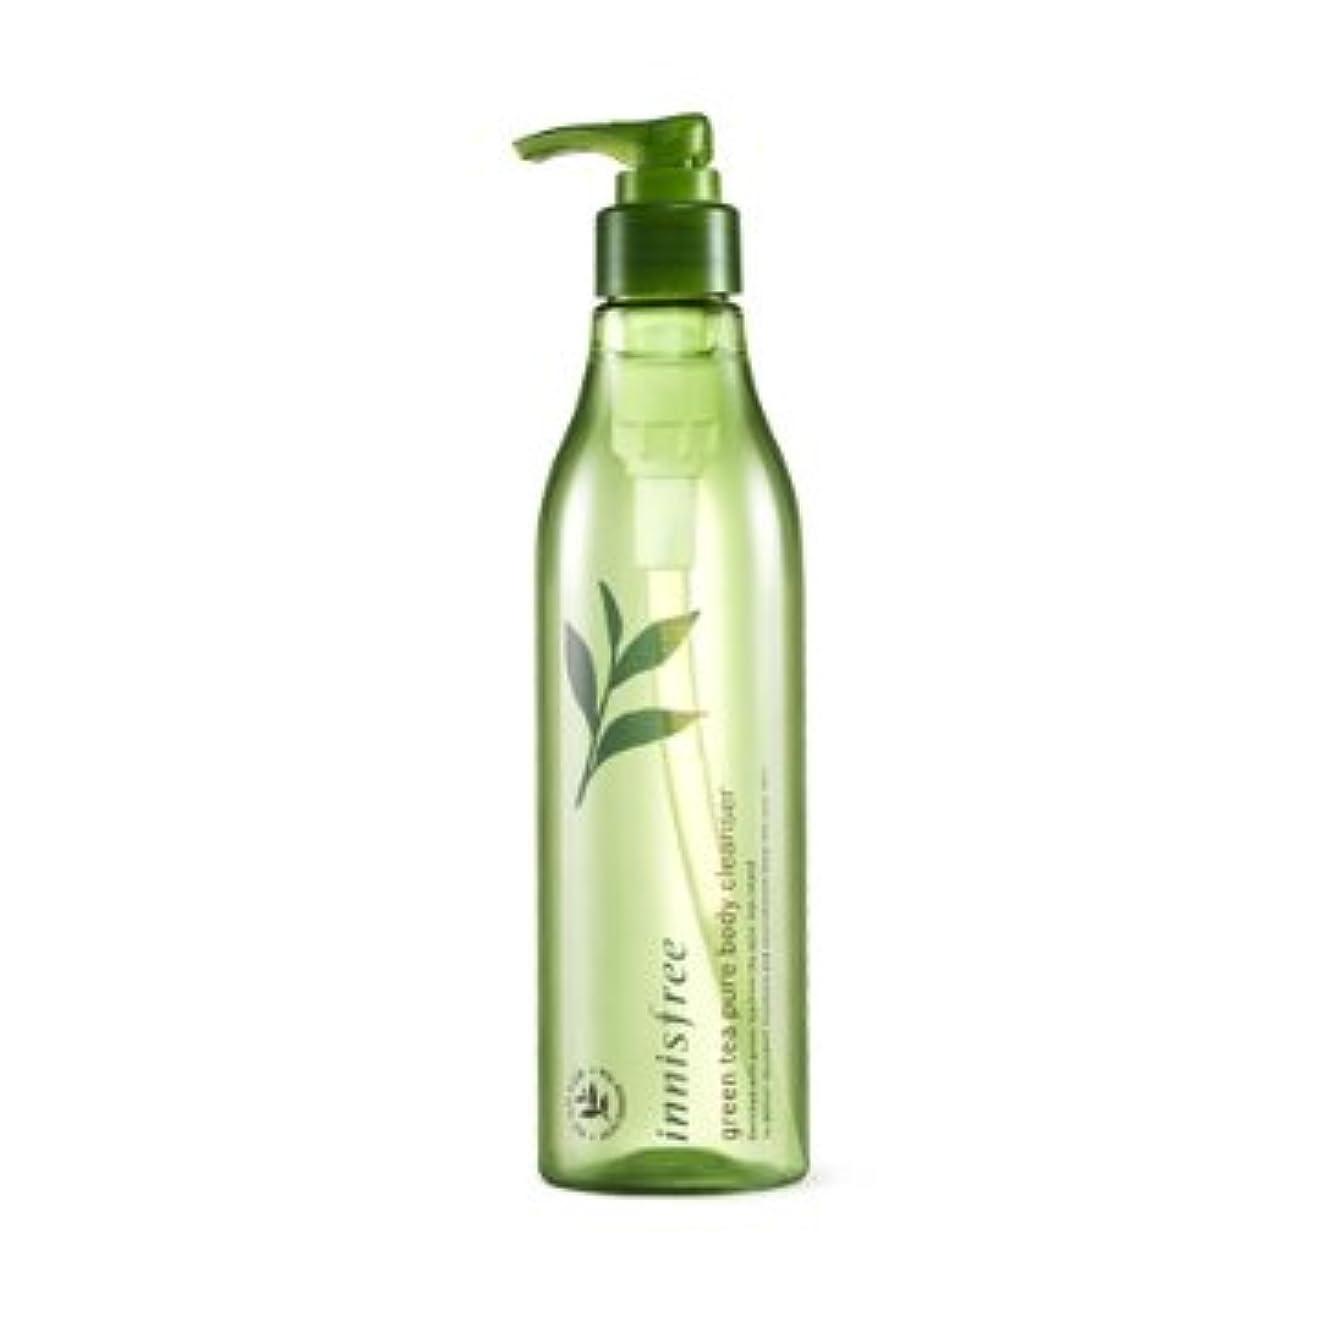 ボタン飲み込むむちゃくちゃ【イニスフリー】Innisfree green tea pure body cleanser - 300ml (韓国直送品) (SHOPPINGINSTAGRAM)